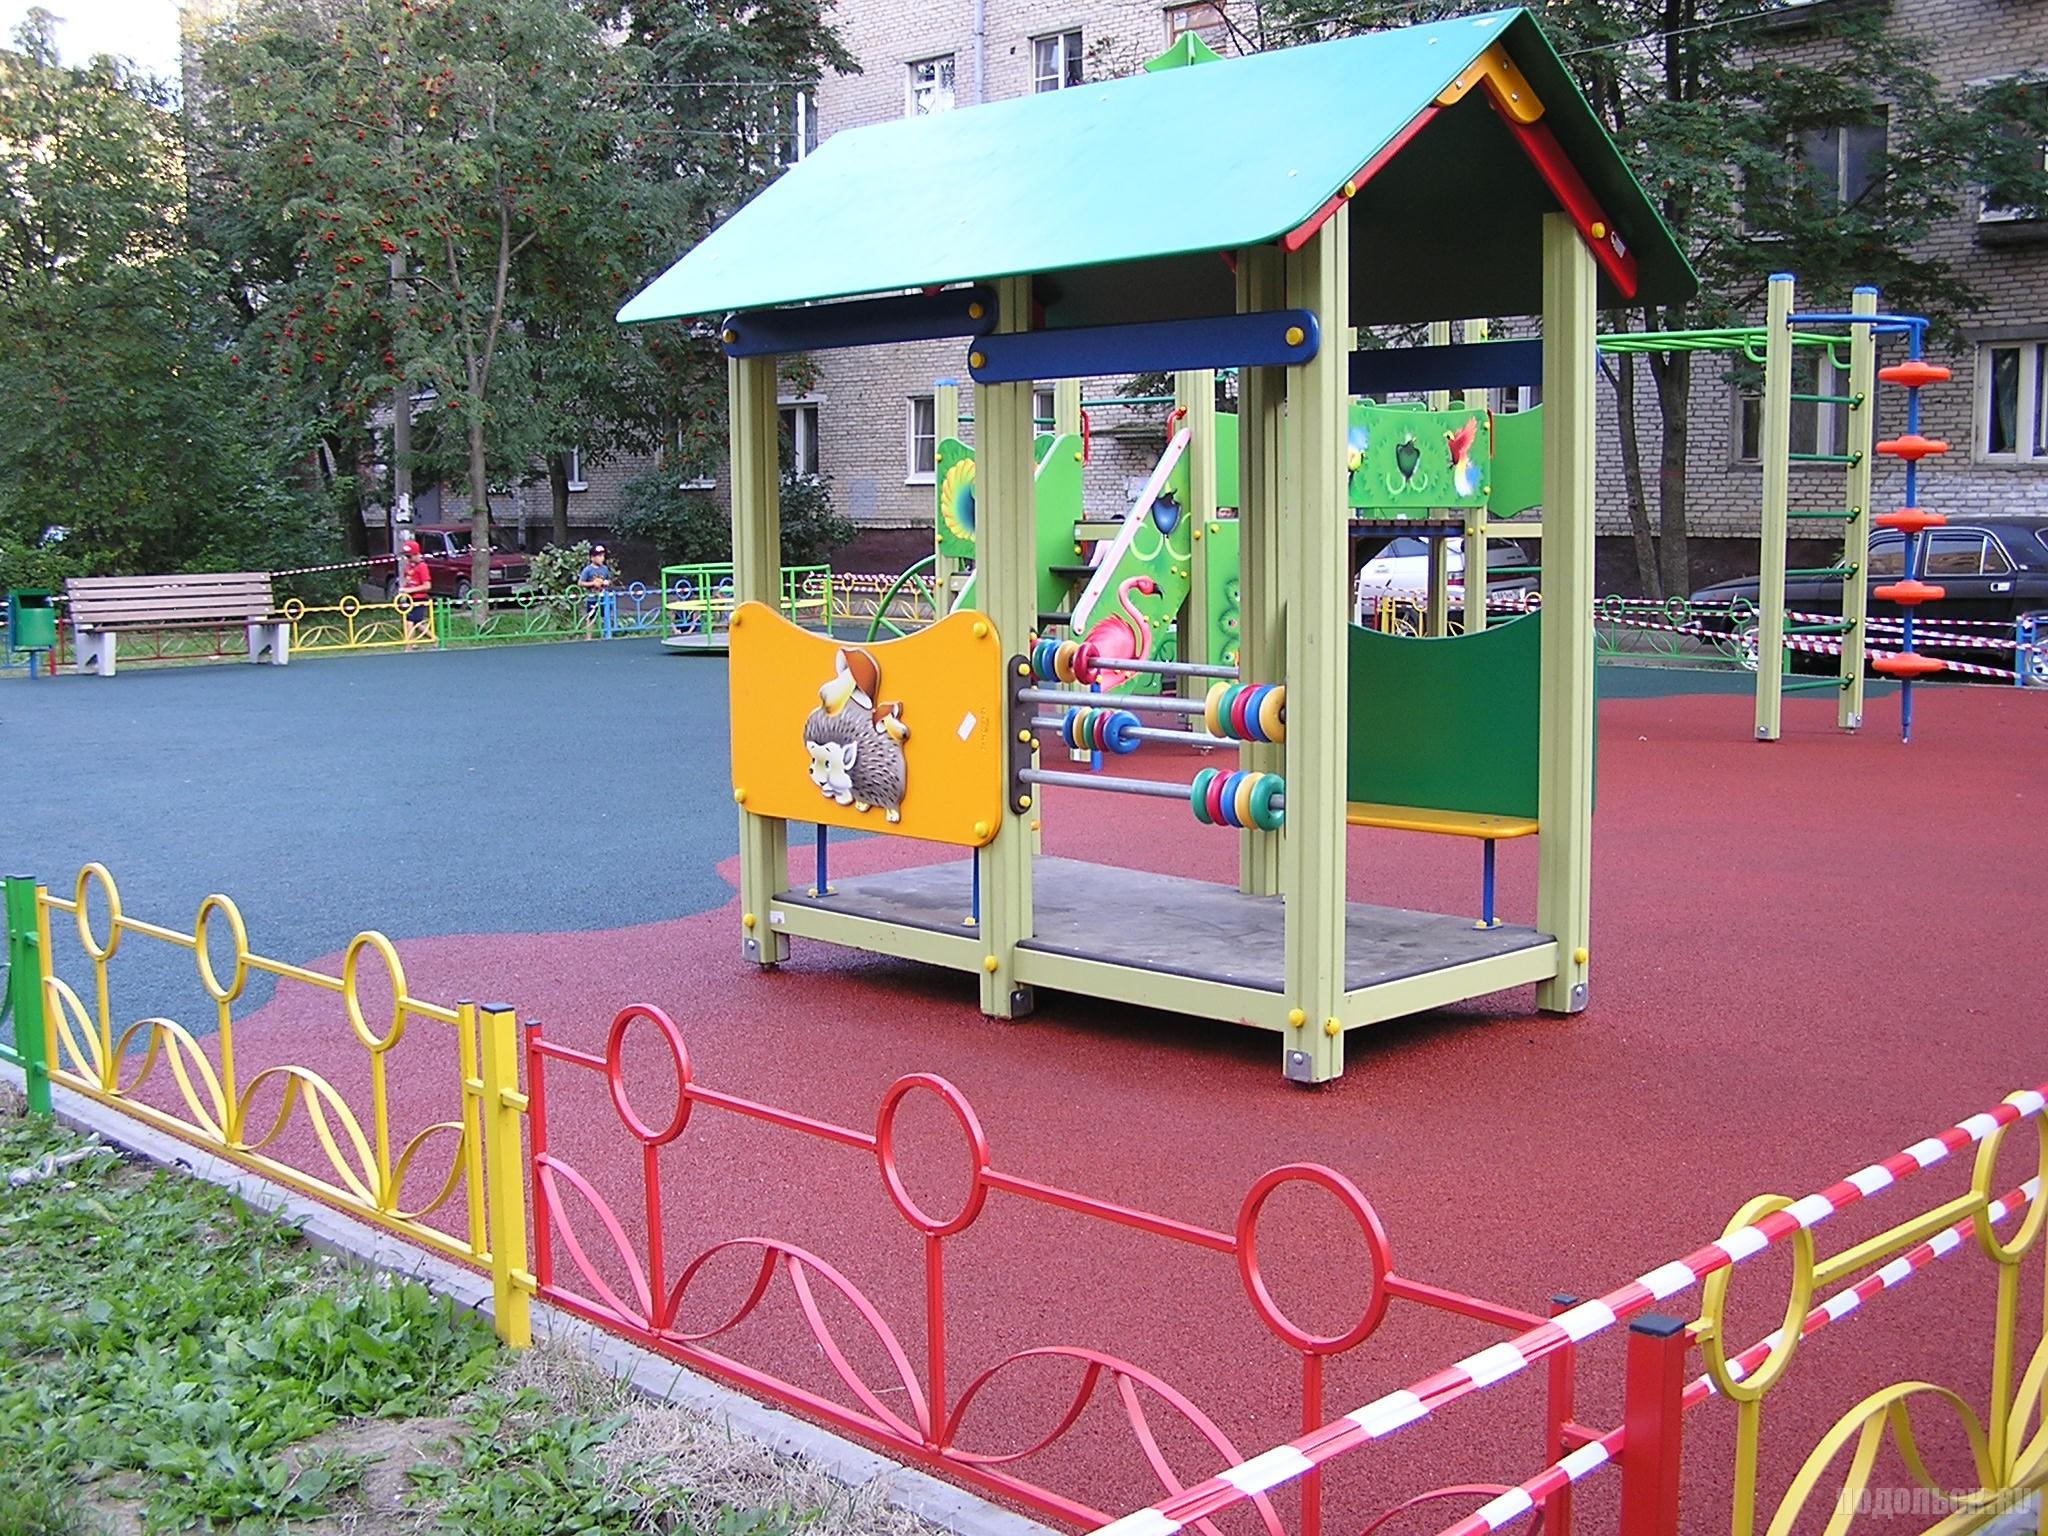 Новая детская площадка в Климовске. Заводская улица, 29 августа 2016 г.